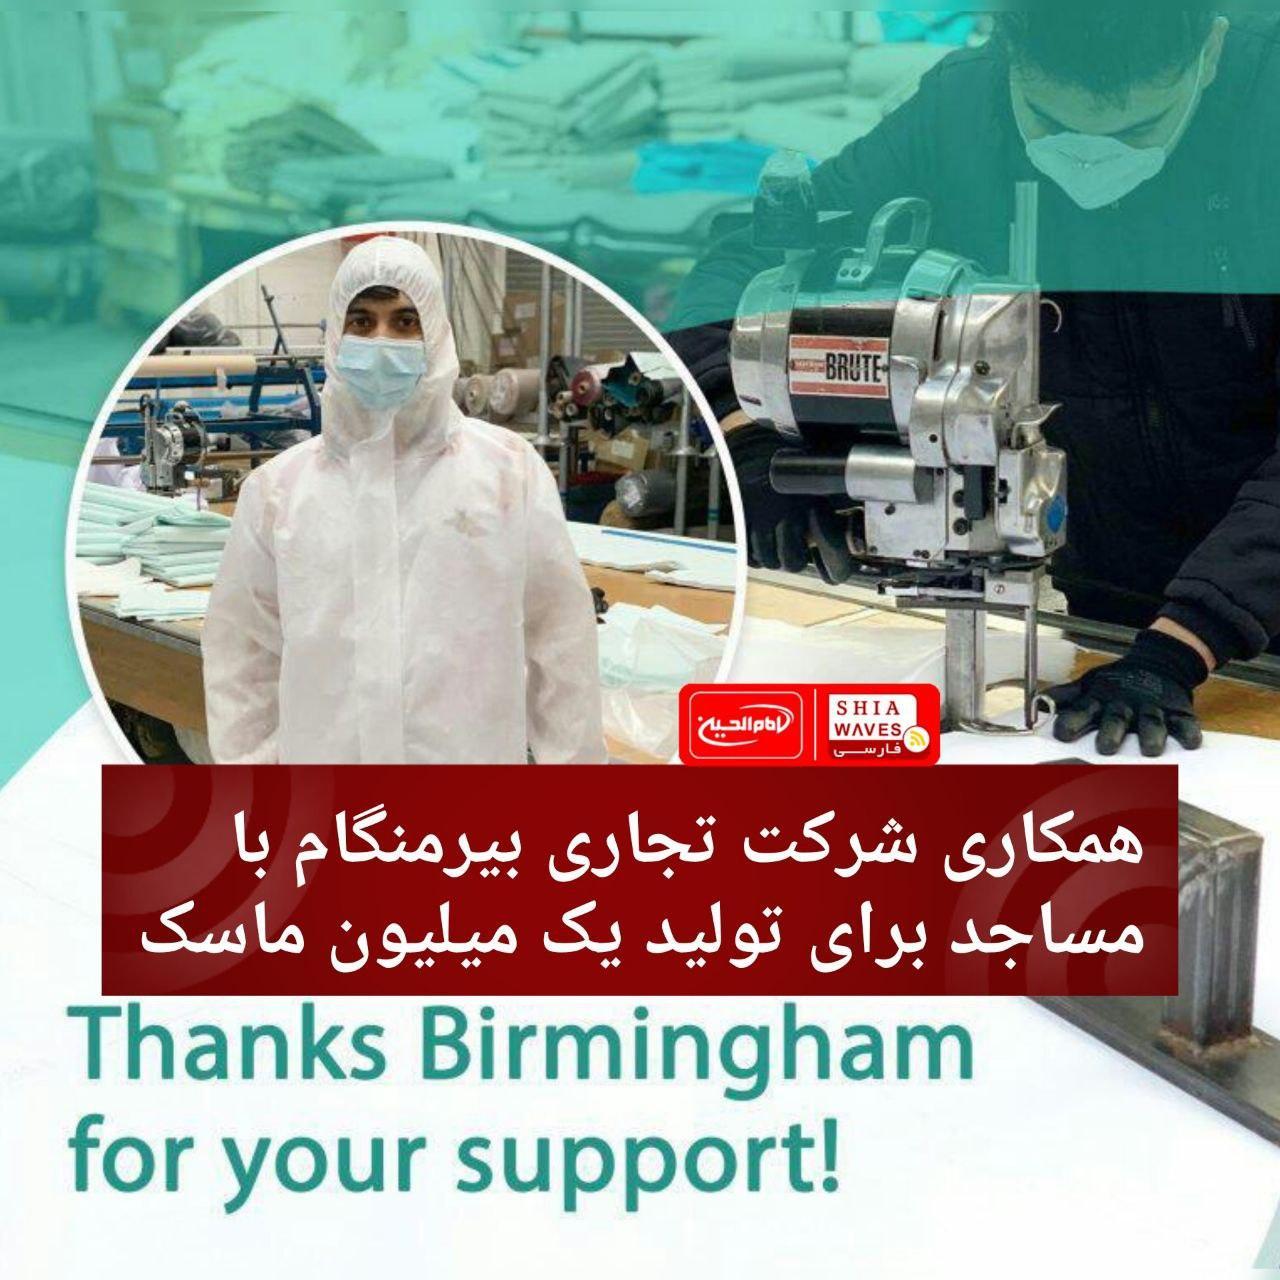 تصویر همکاری شرکت تجاری بیرمنگام با مساجد برای تولید یک میلیون ماسک